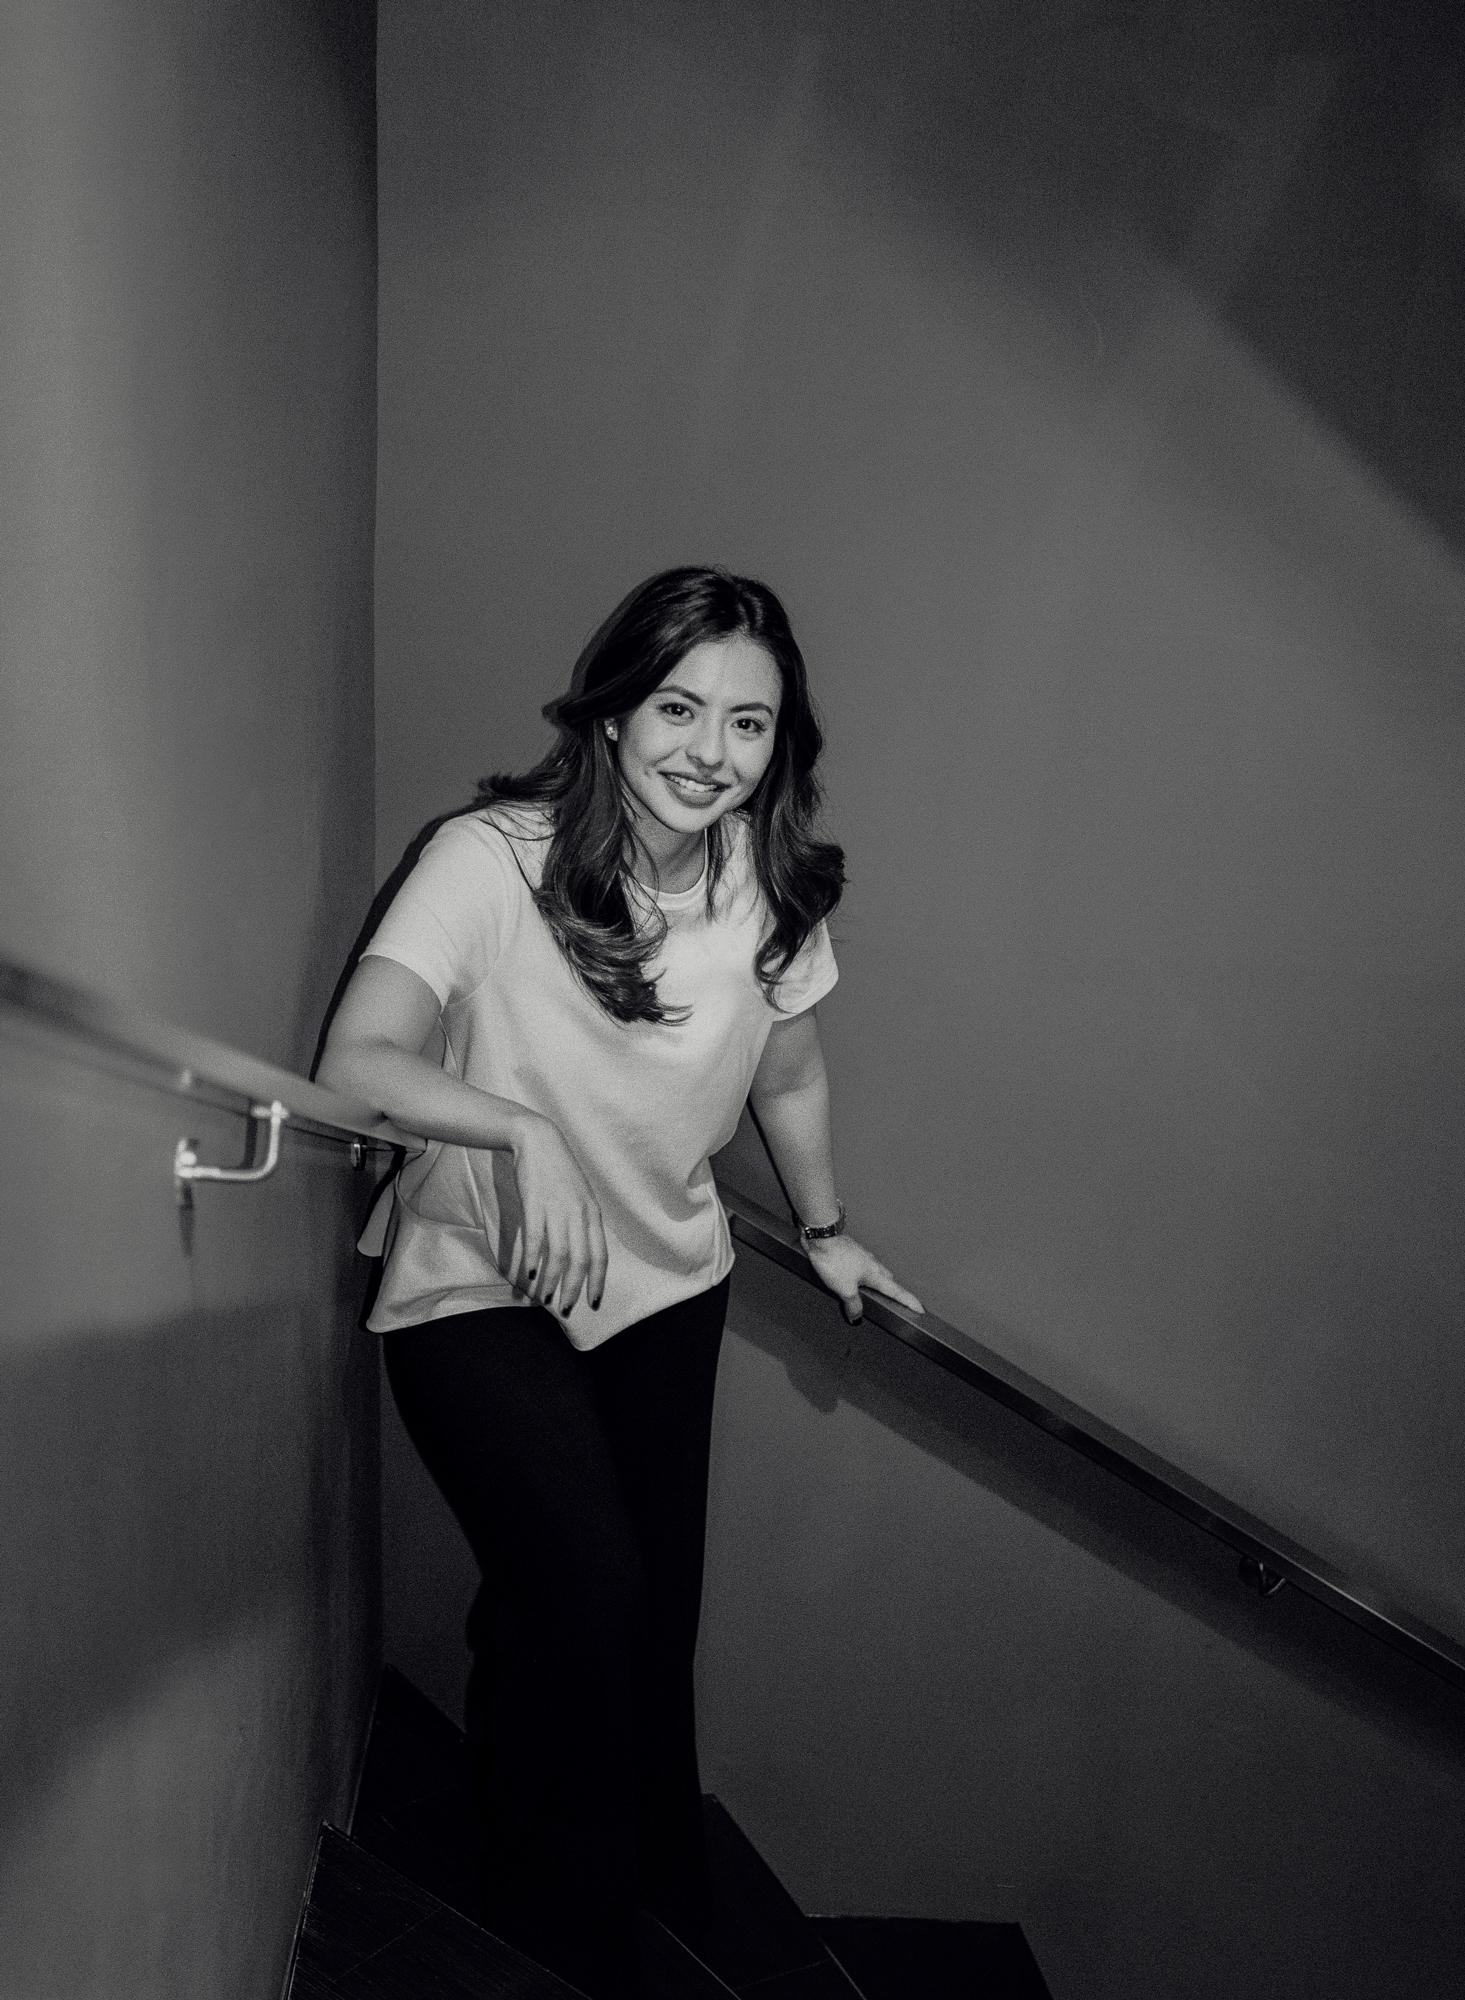 Sharlane Foo Director at Opera Gallery Hong Kong